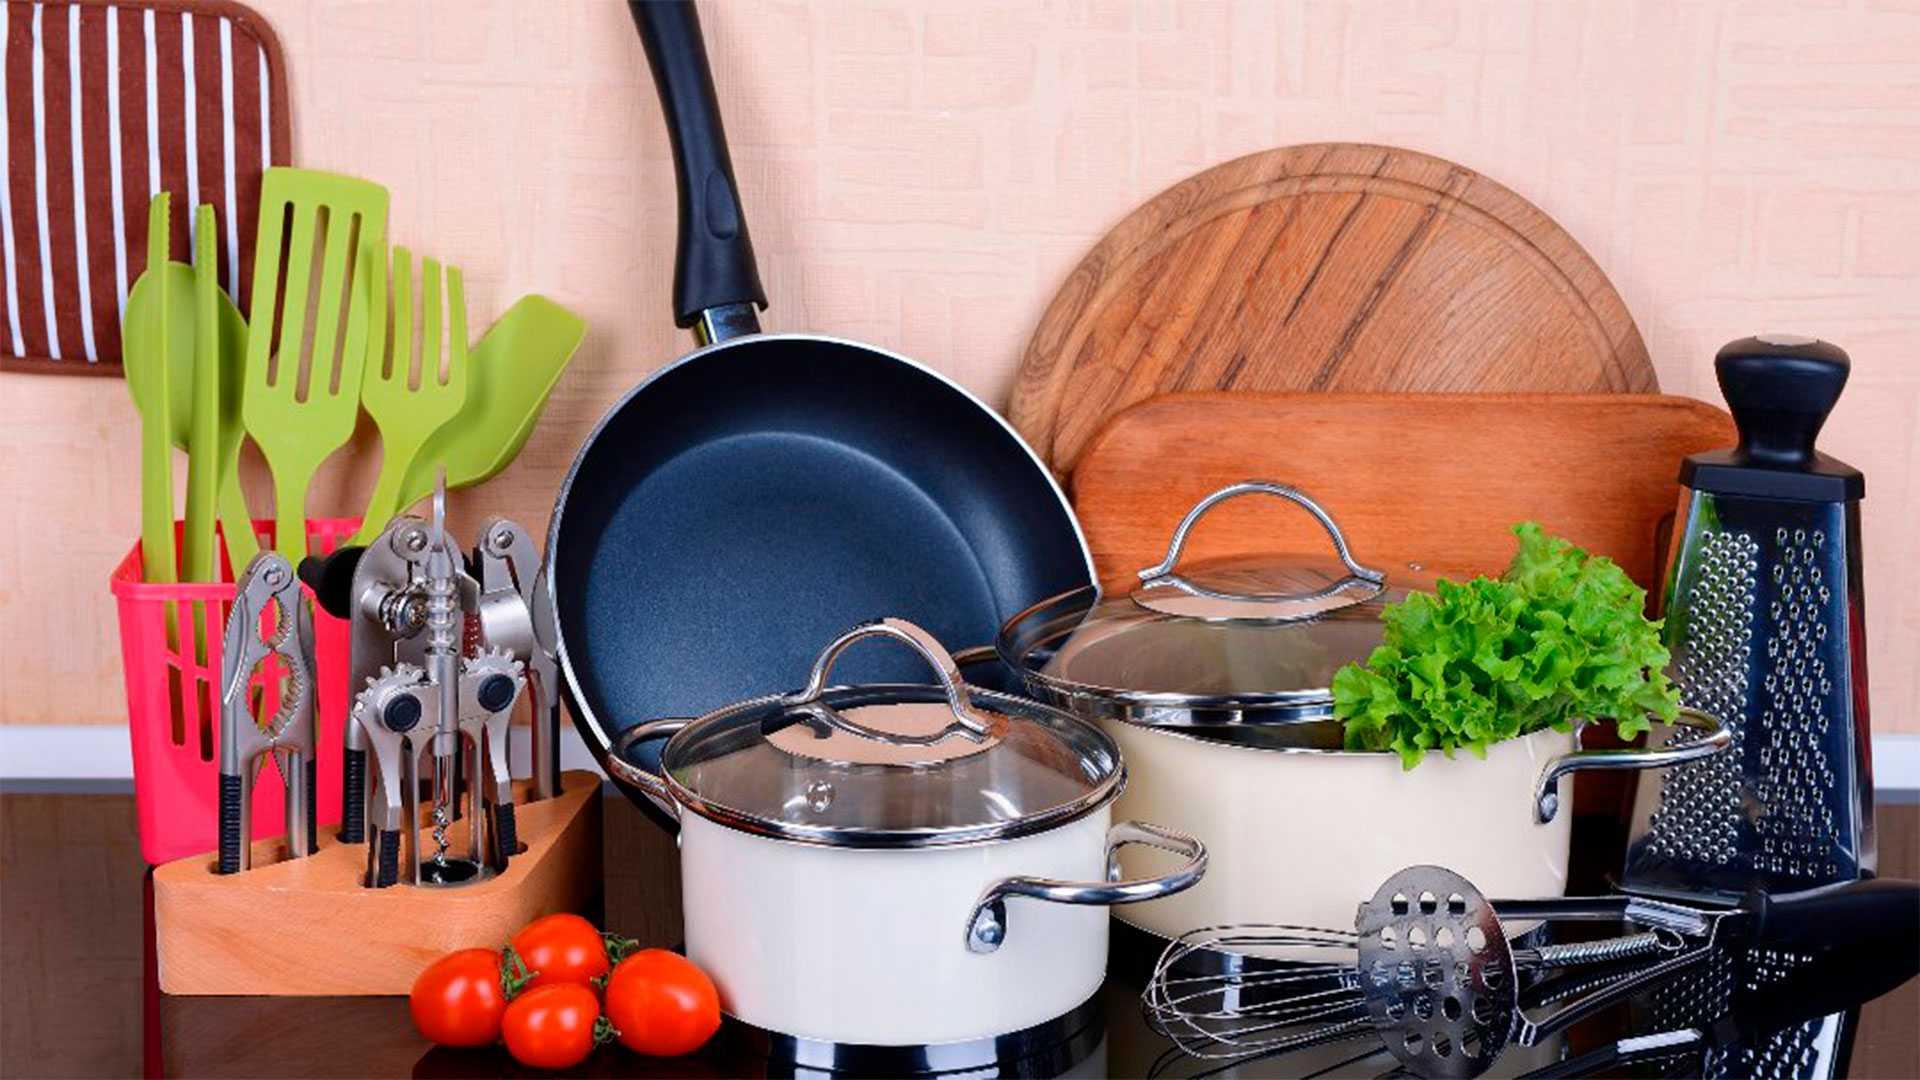 Как выбрать посуду правильно. Посуда для приготовления пищи